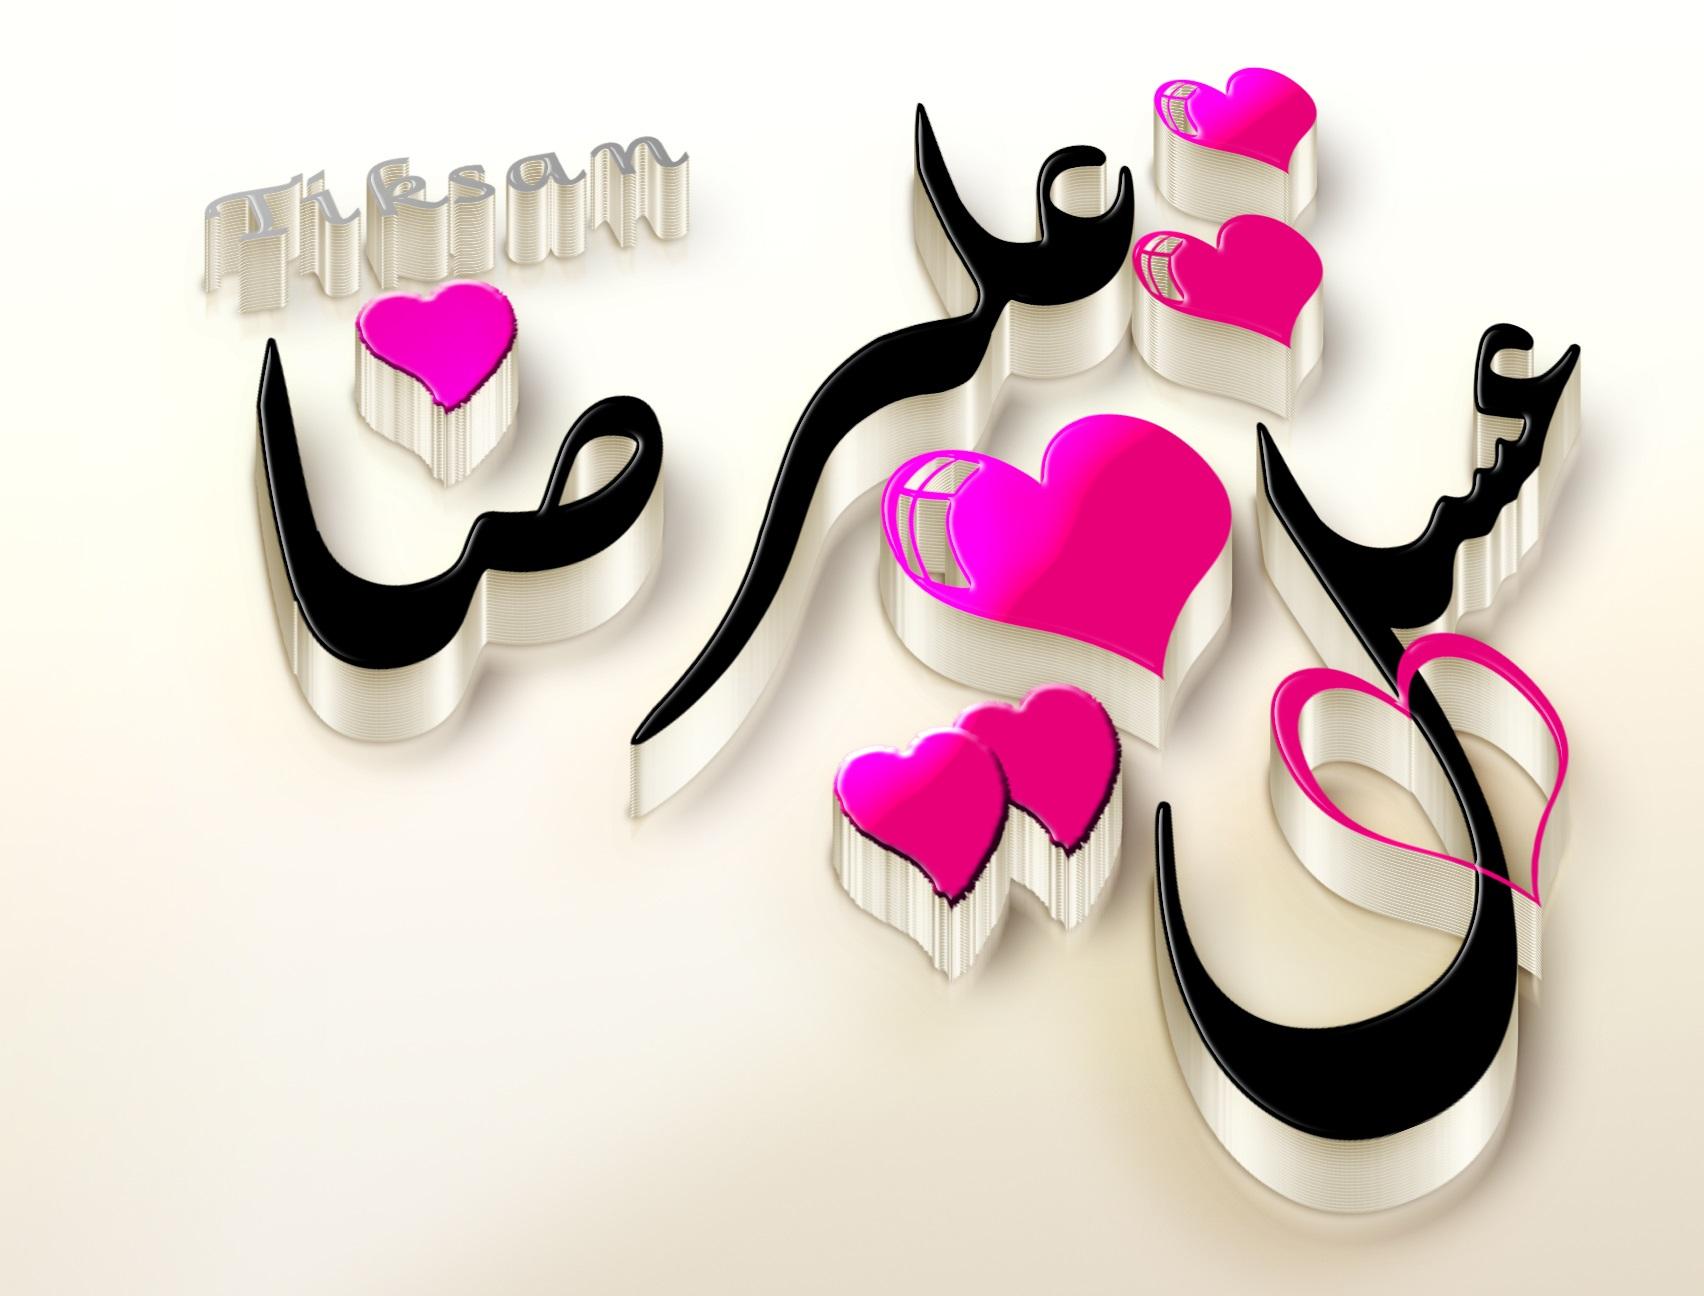 عکس نوشته ی ترکیبی اسم علیرضا و عسل تیک سان